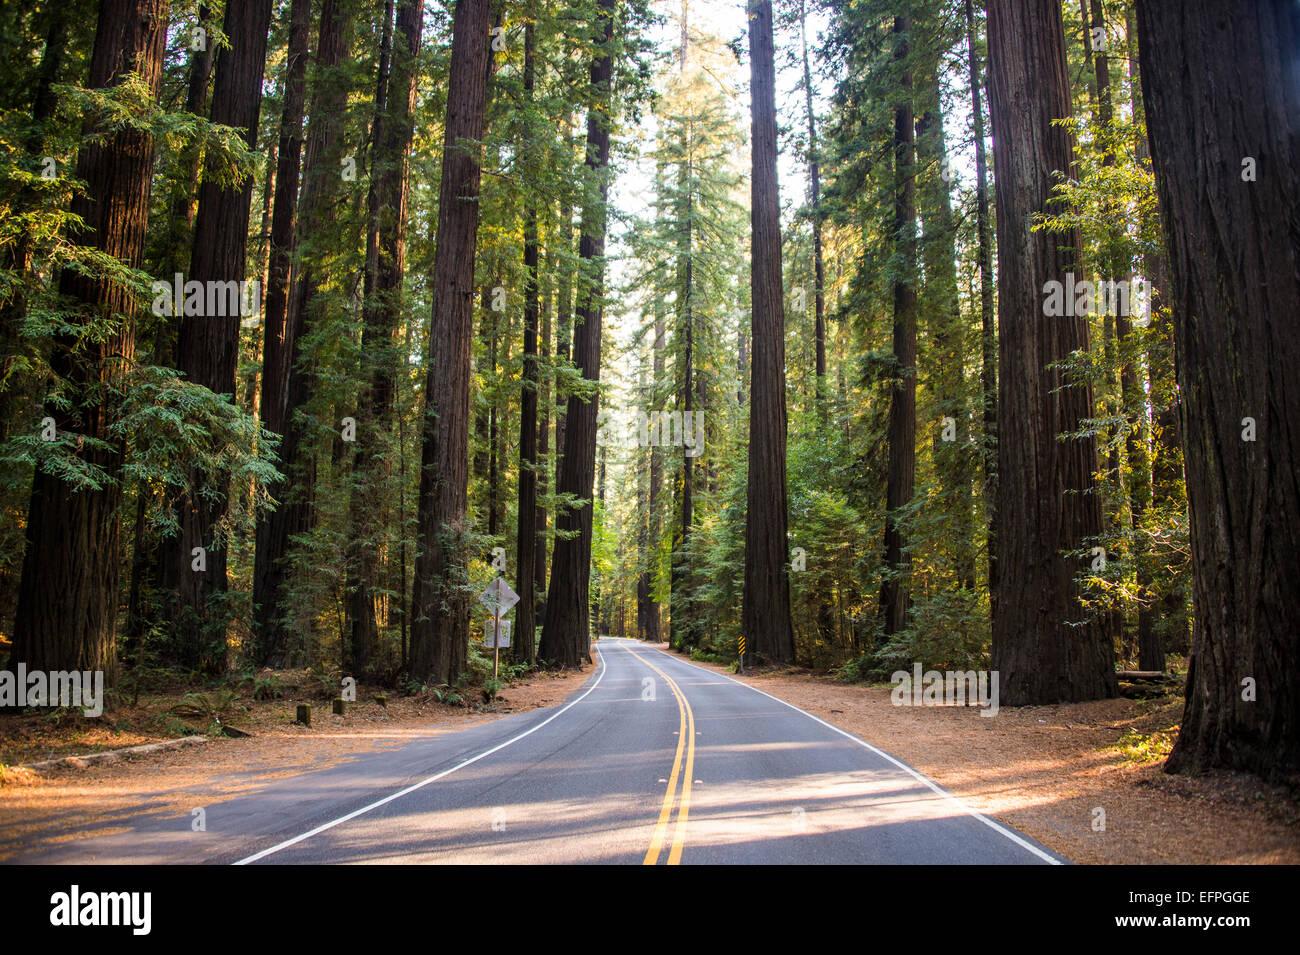 Straße führt durch die Avenue of Giants, riesigen Redwood-Bäume, Nord-Kalifornien, USA Stockbild